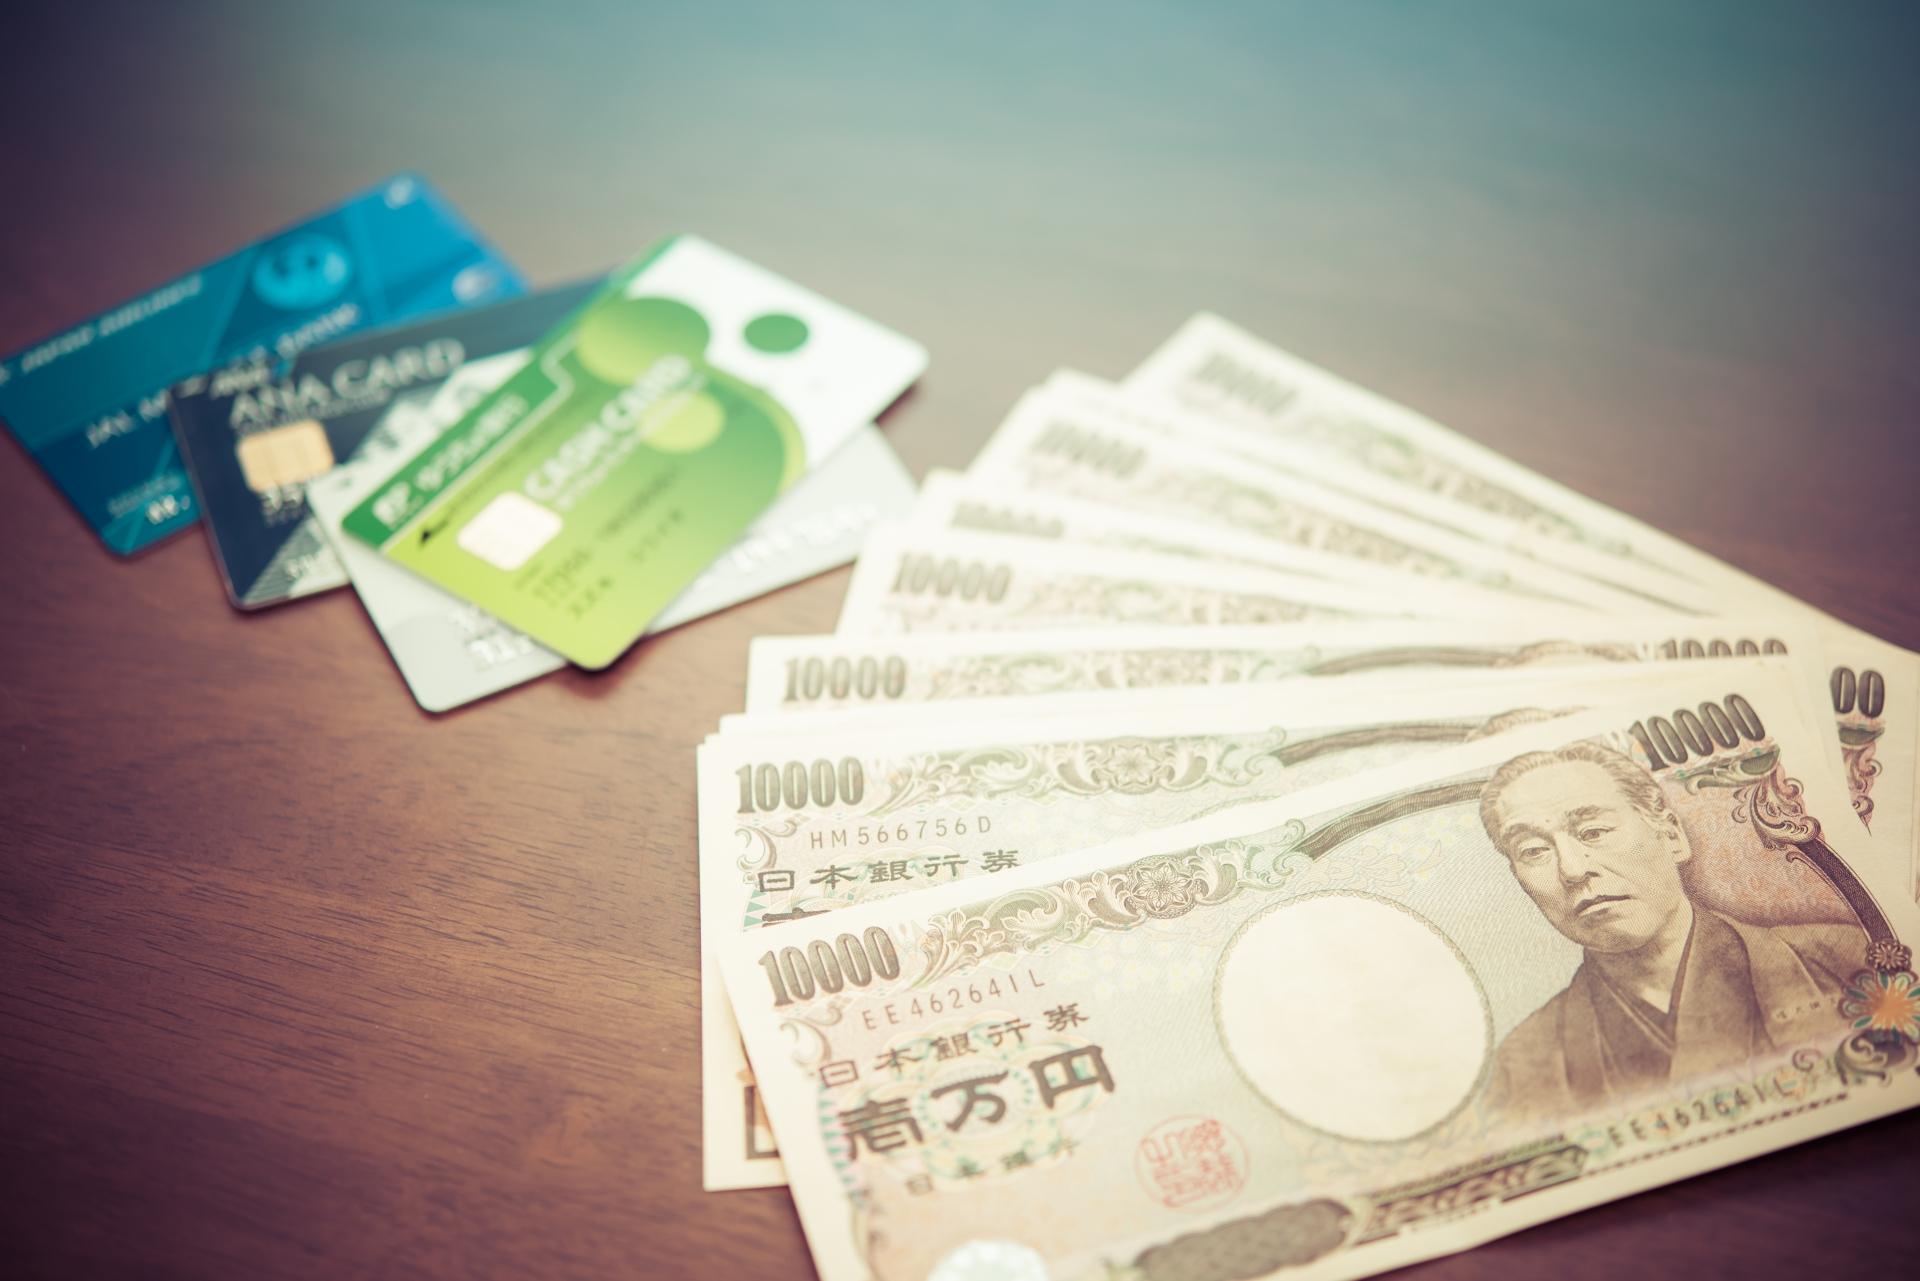 使用Amex,您可以在售票处购买礼券!它对独资经营者的现金流有用吗?